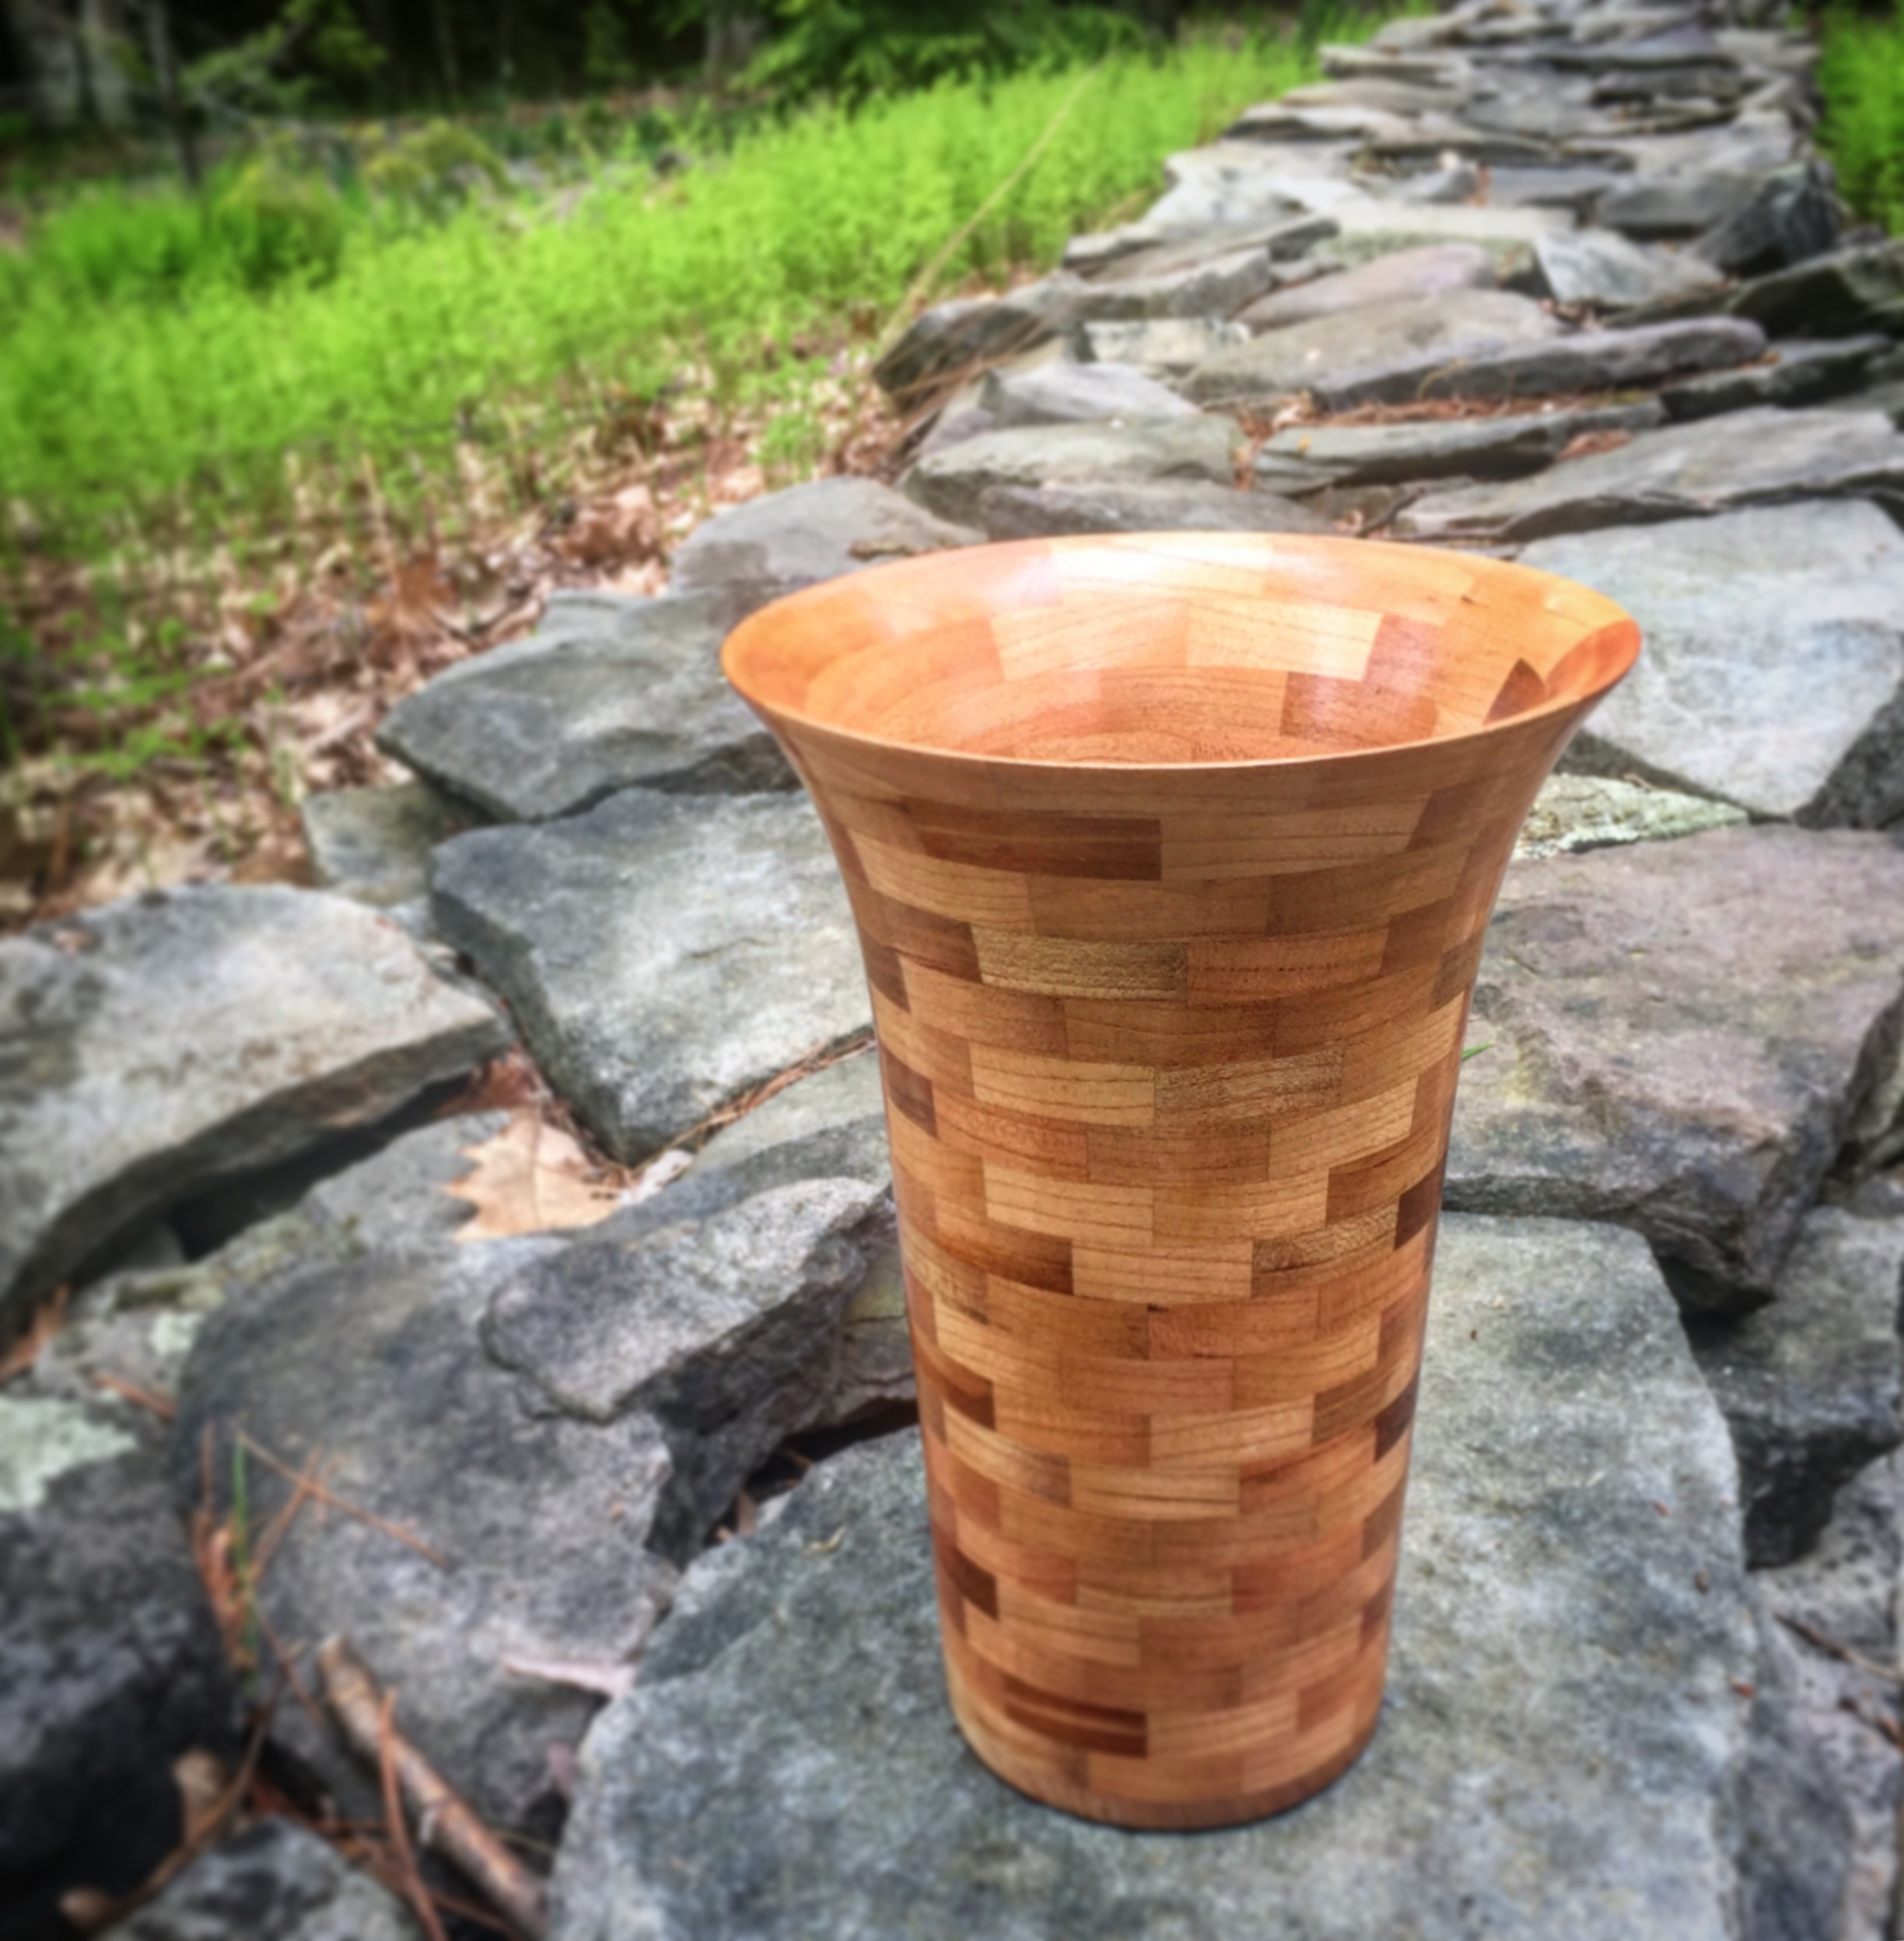 Segmented Vase - Cherry - 9 x 3 x 3